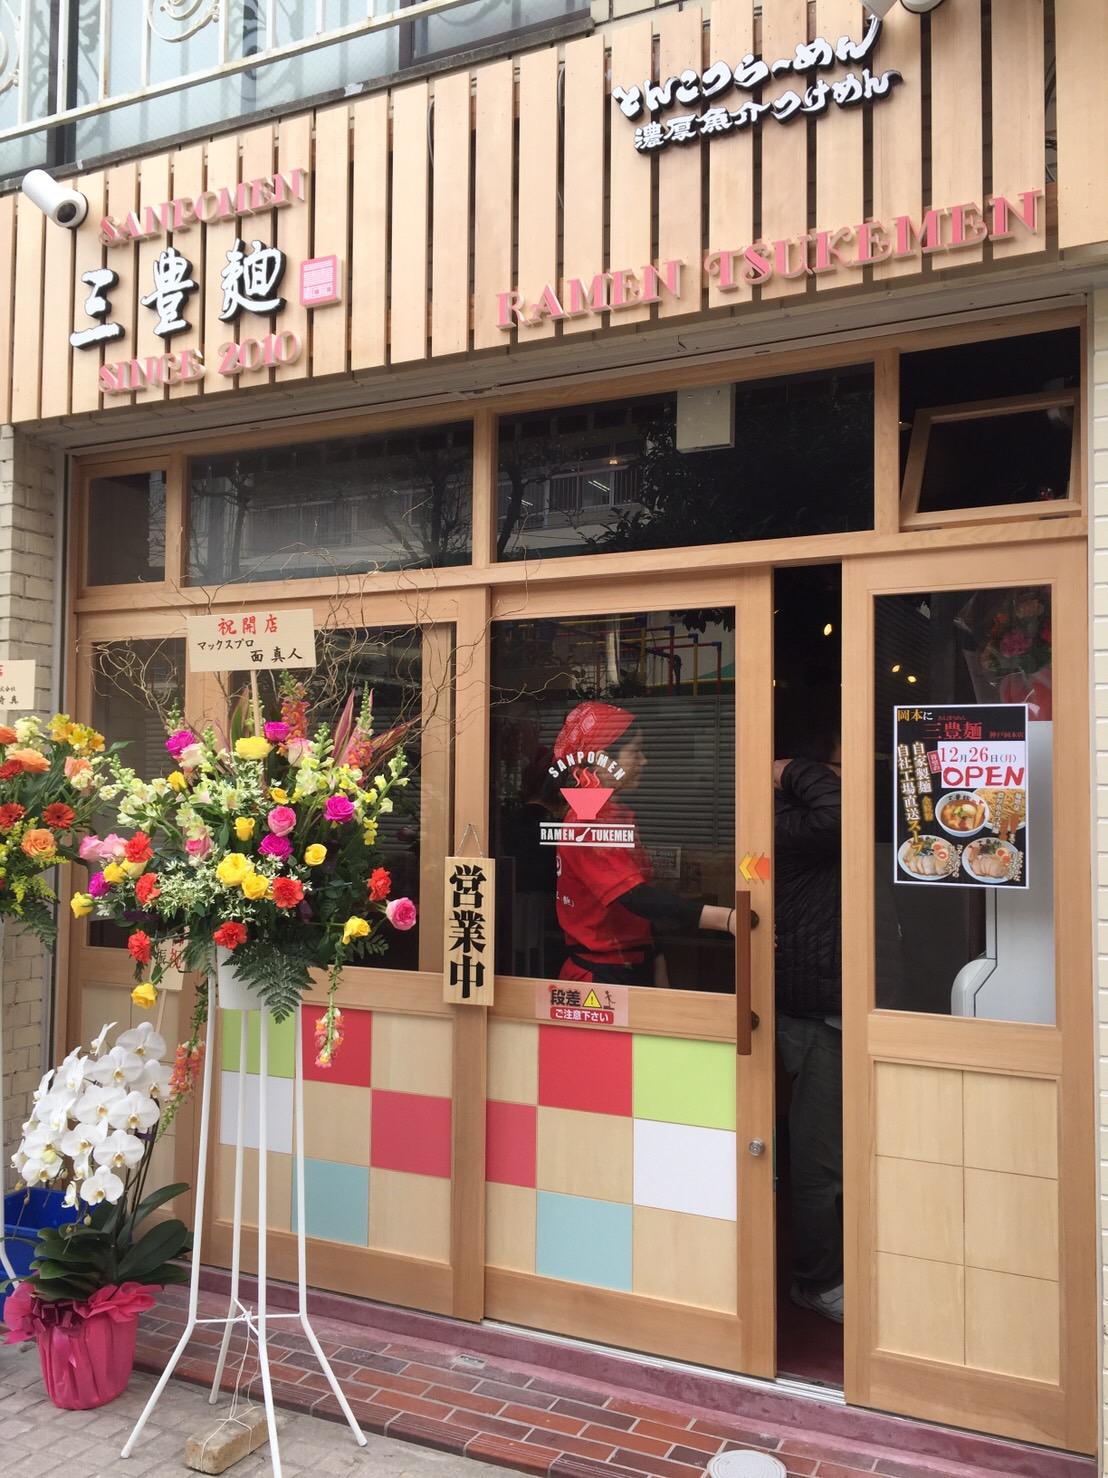 神戸・岡本にラーメン店「三豊麺 神戸岡本店」が12/26 OPENしたよ!【※食レポ追加更新!】